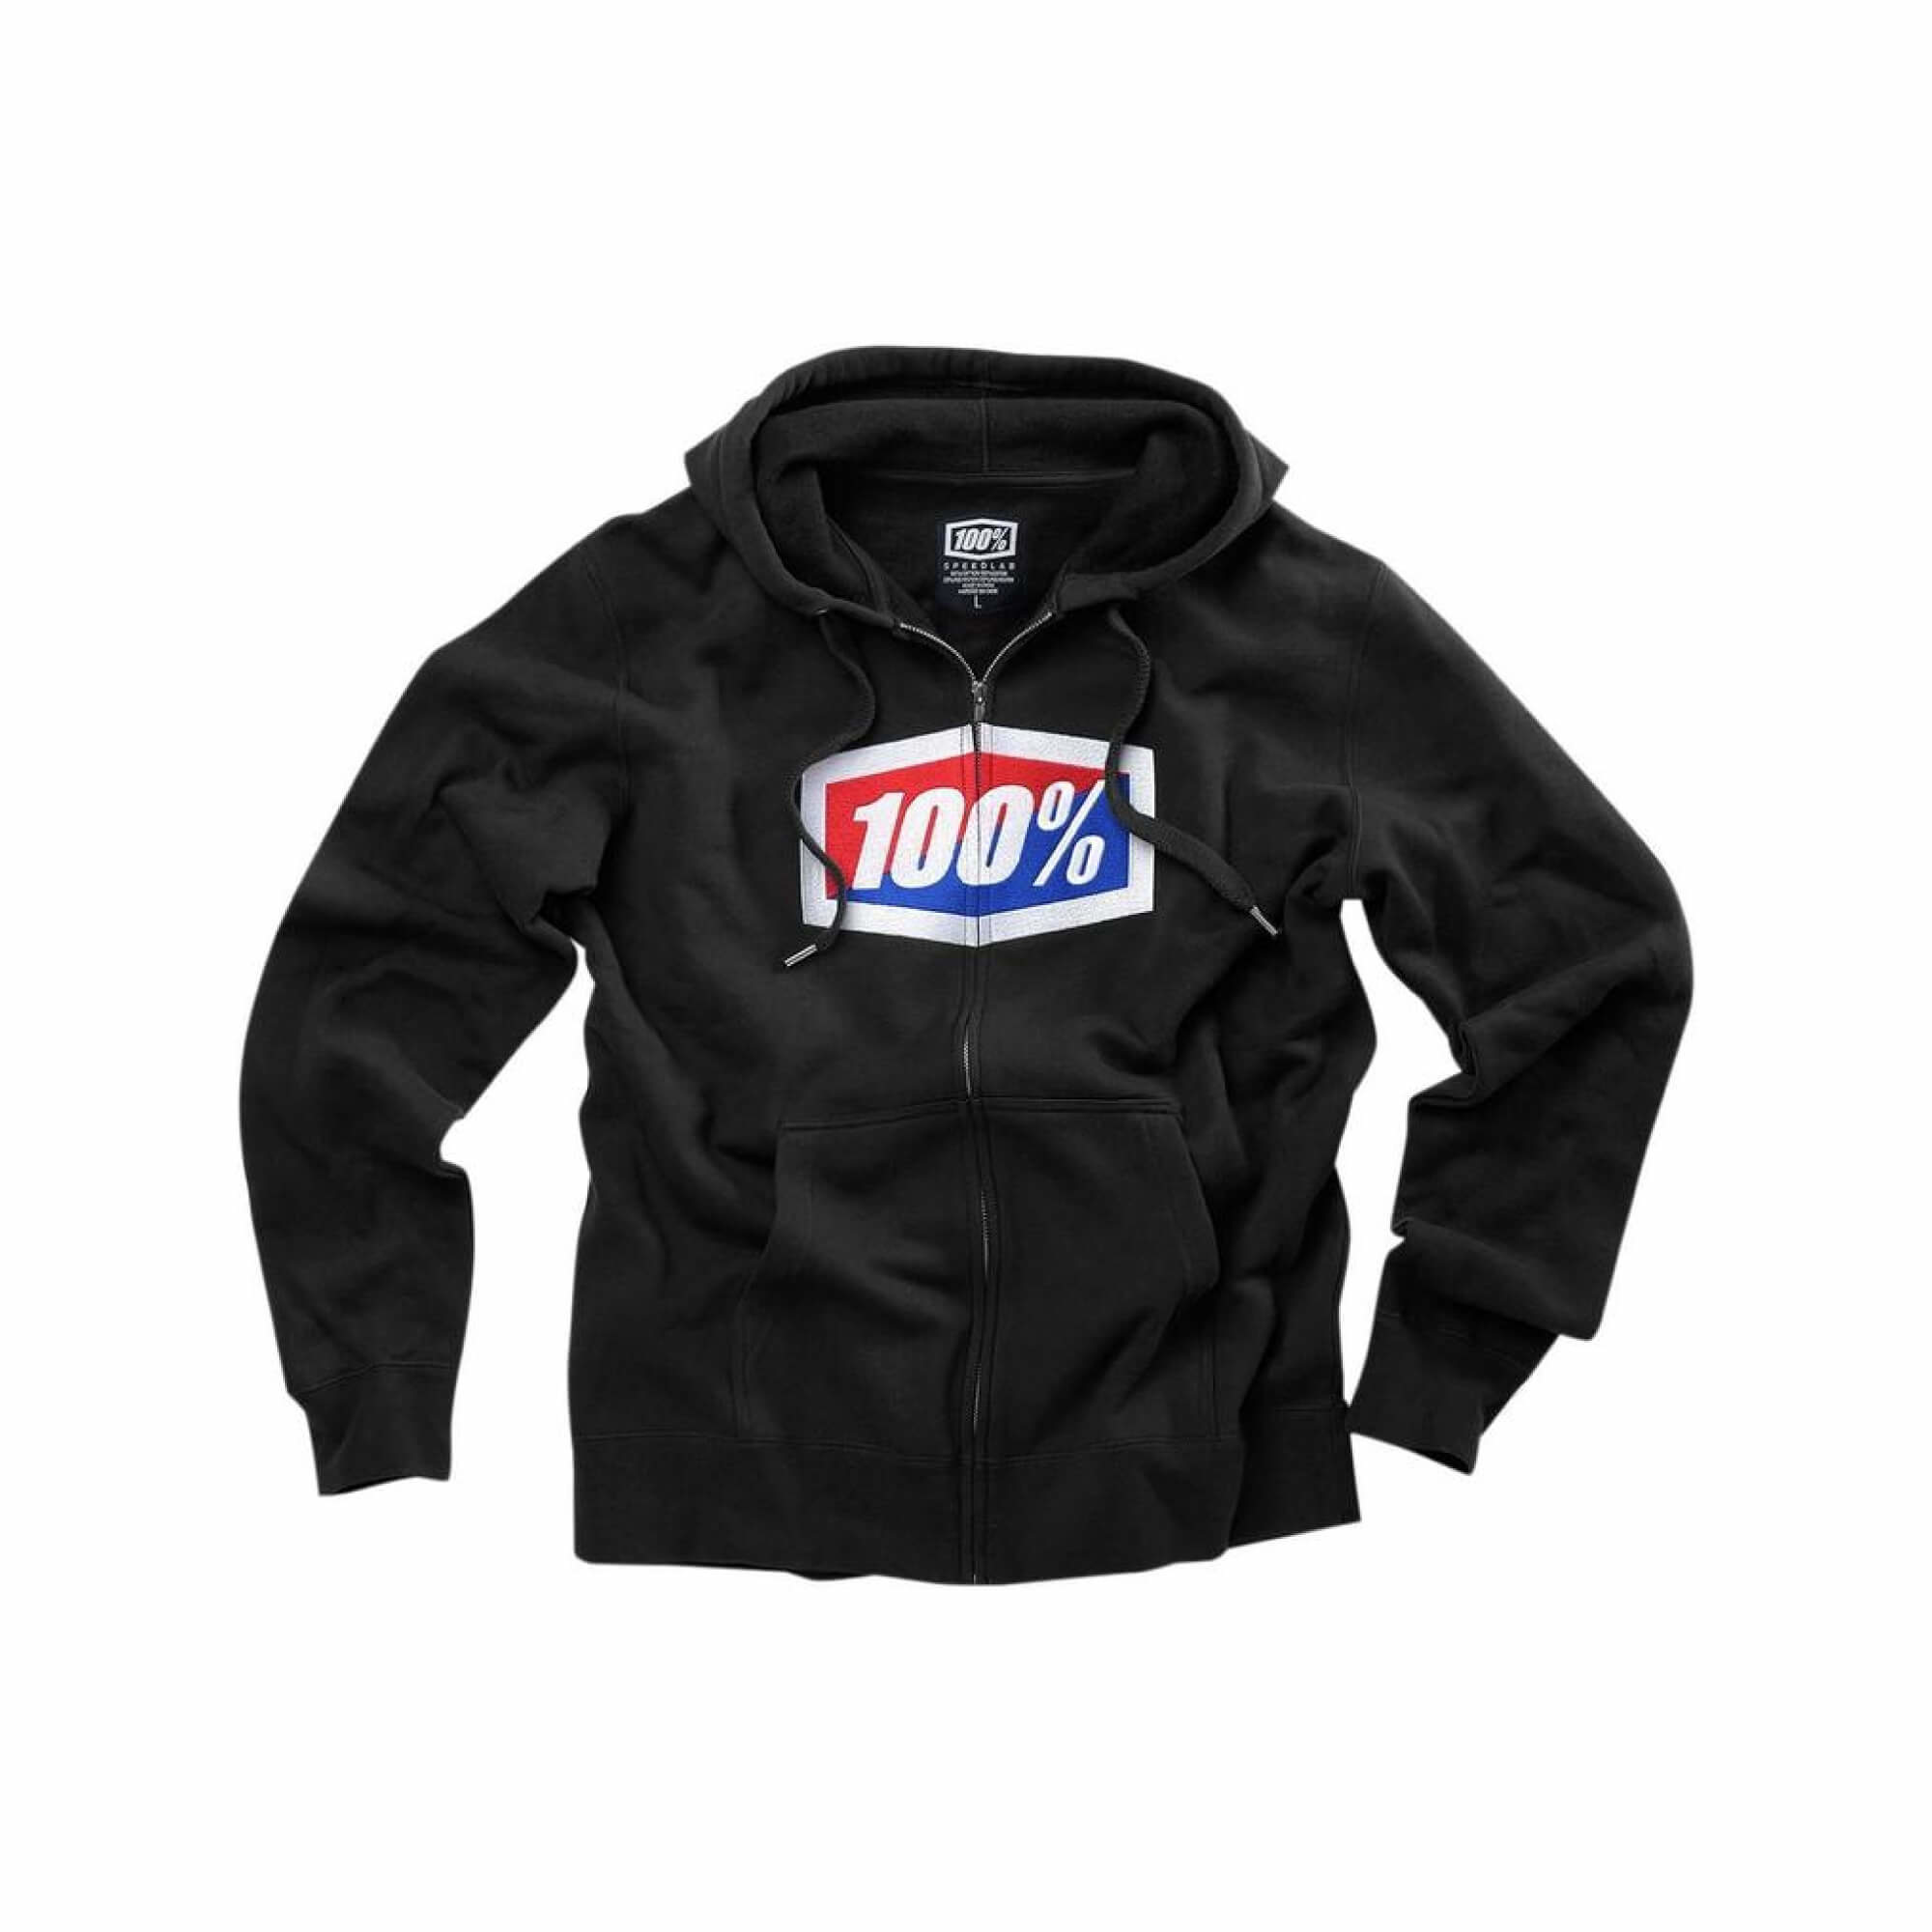 Official Hooded Zip Sweatshirt 2021-1